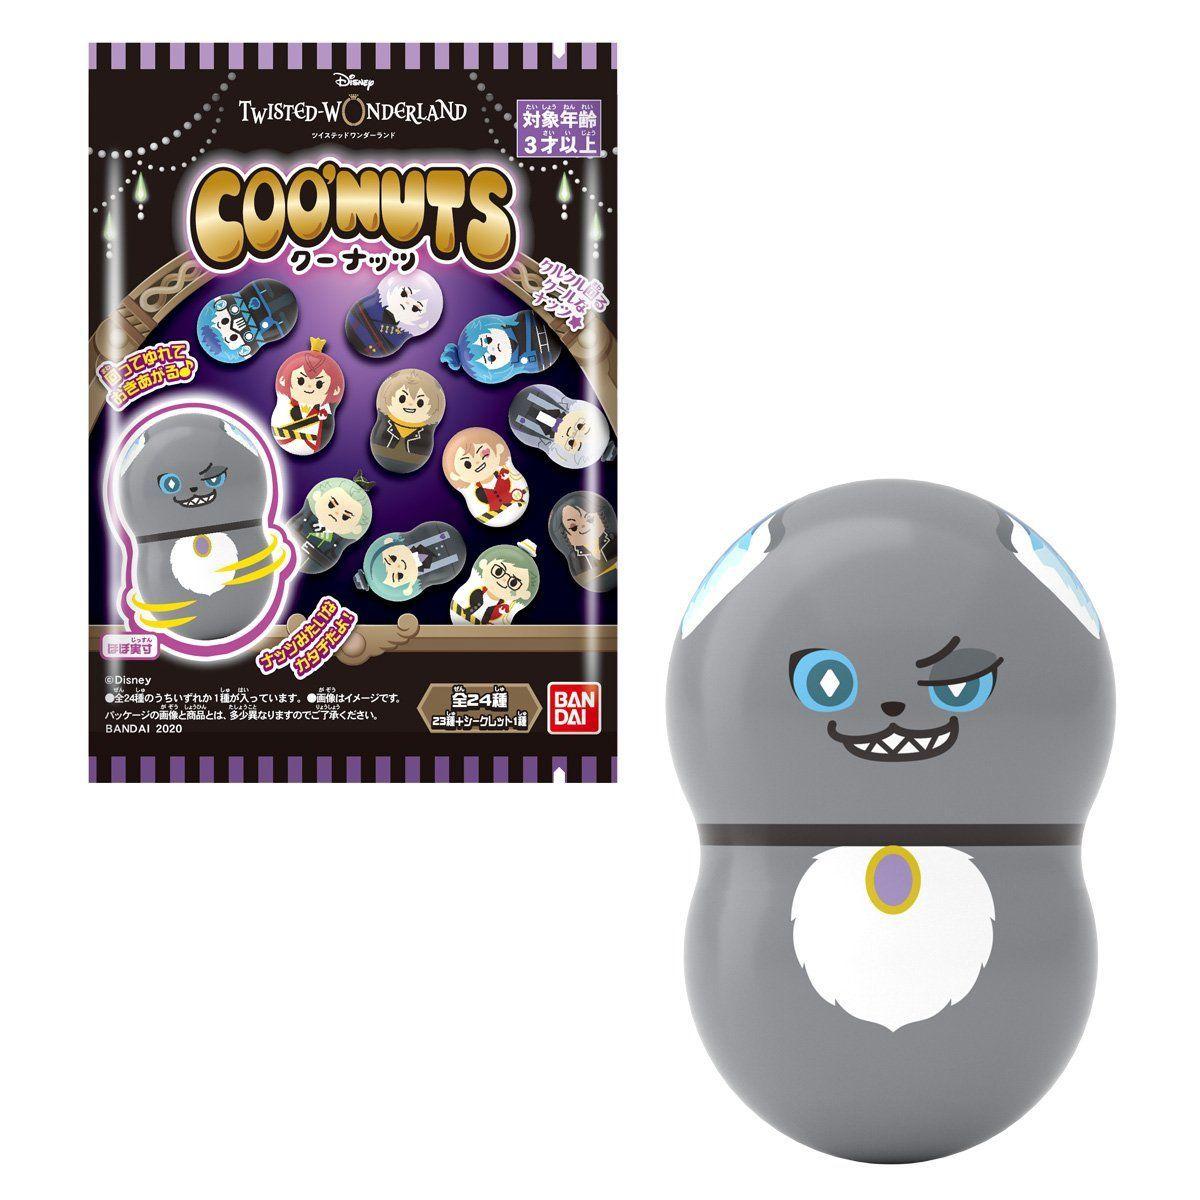 【食玩】ツイステ『Coo'nuts Twisted Wonderland』20個入りBOX-001